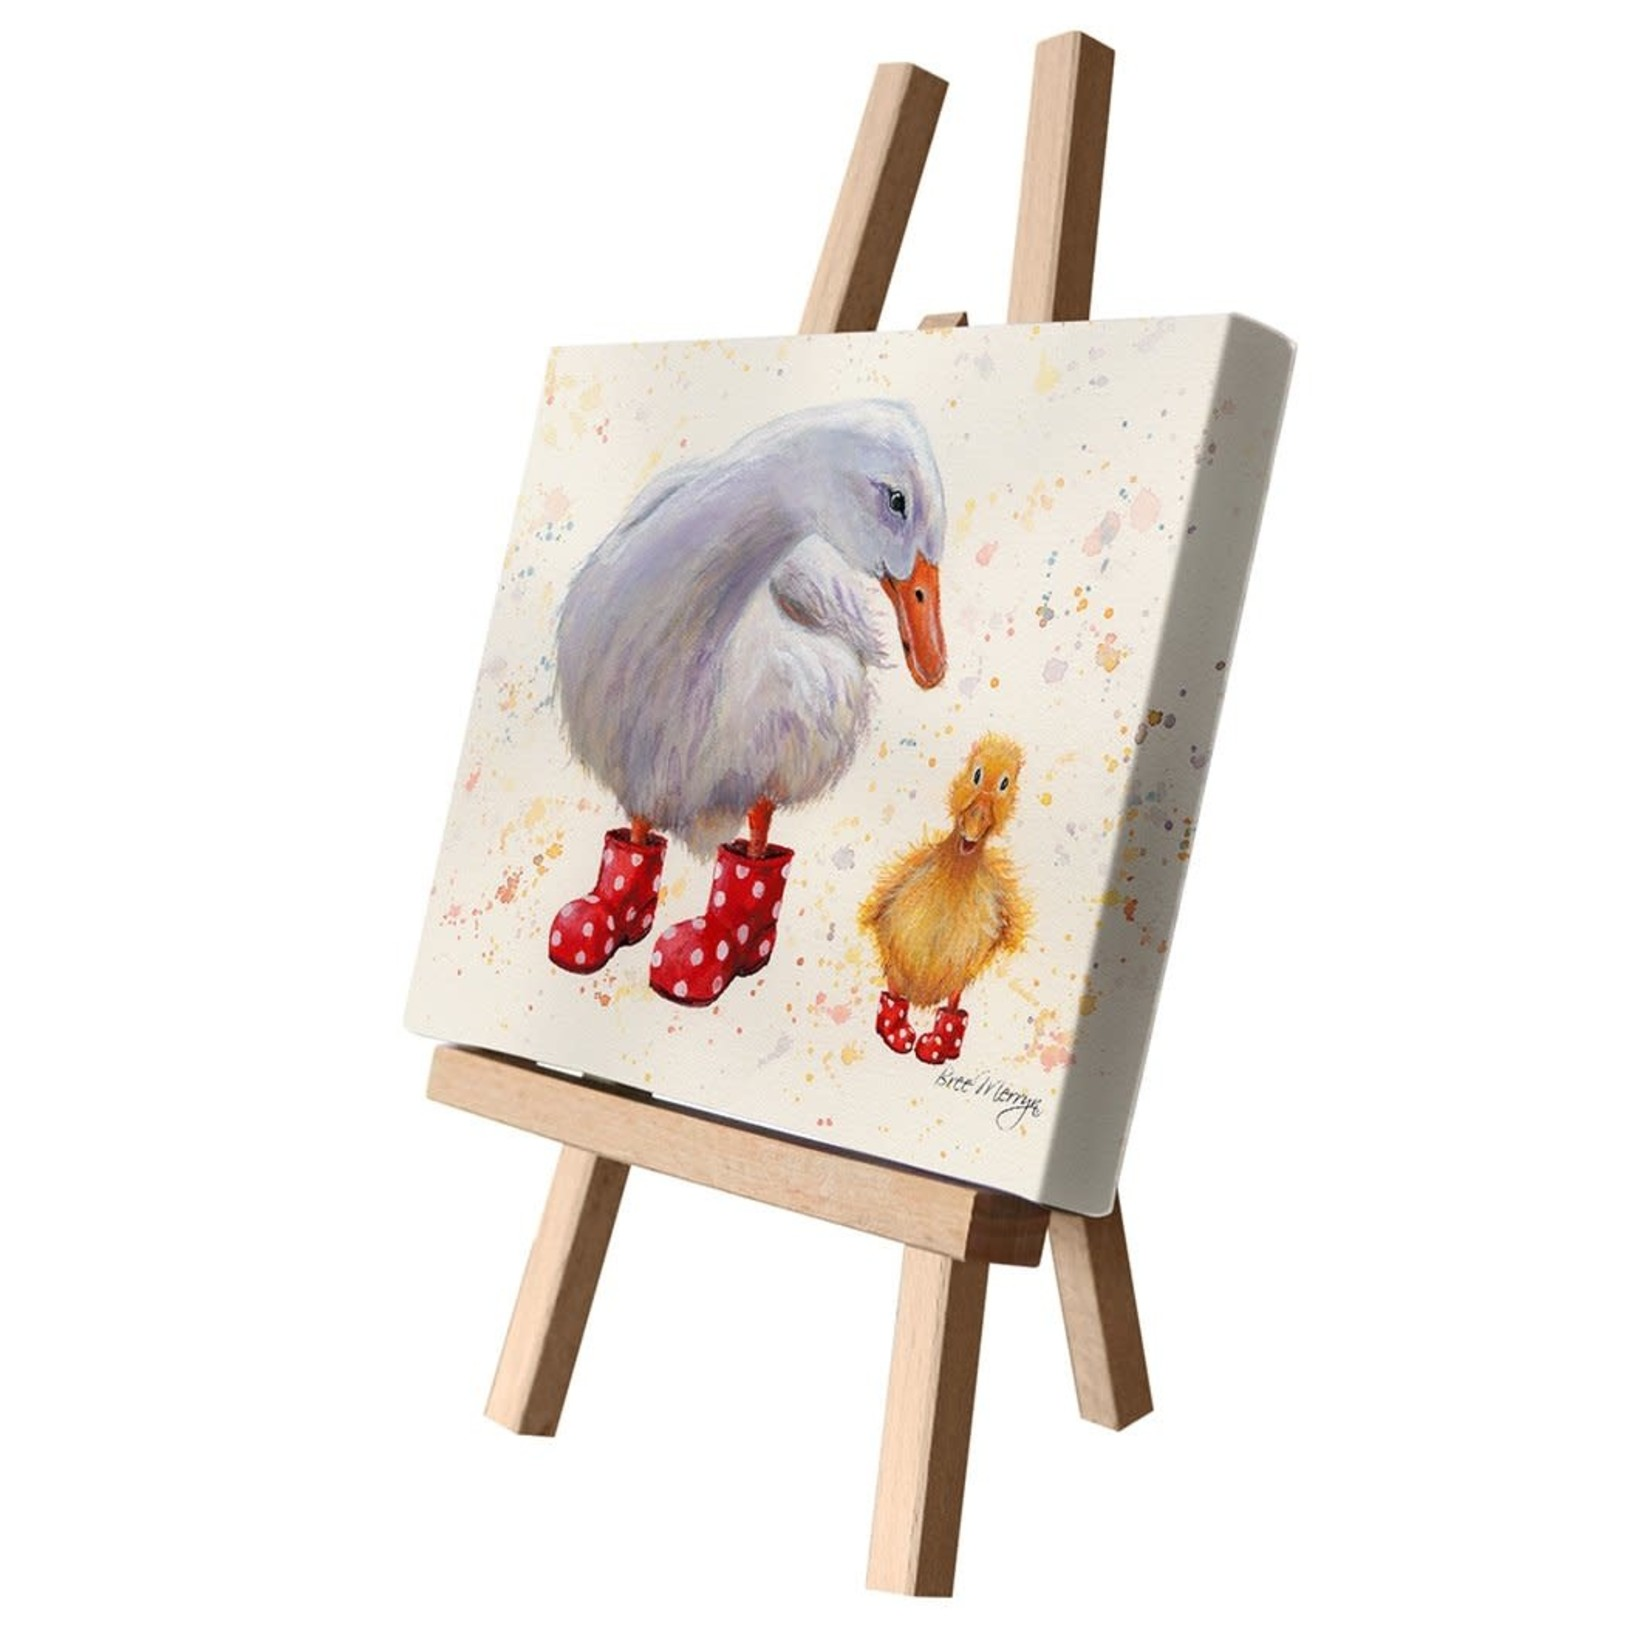 Bree Merryn Darcey and Daffodil Canvas Cutie 15 x 20 - Ducks